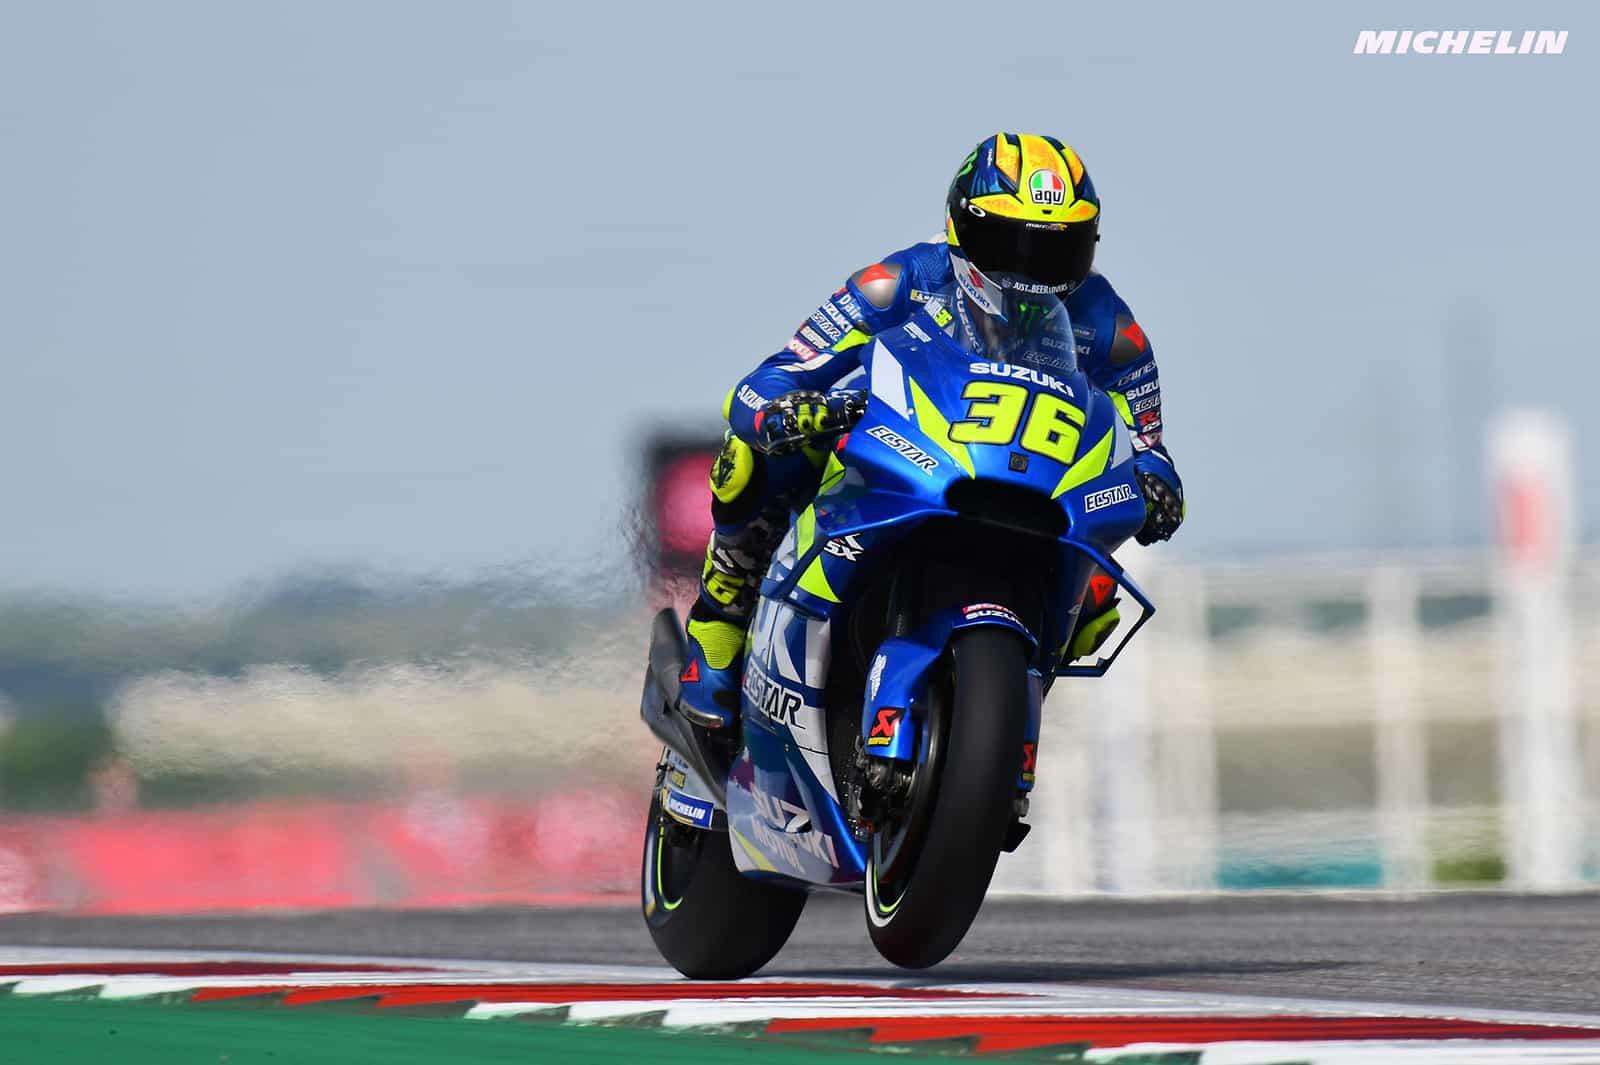 MotoGP2019ヘレスGP ミル「開幕から数戦の中で大きく成長できている」